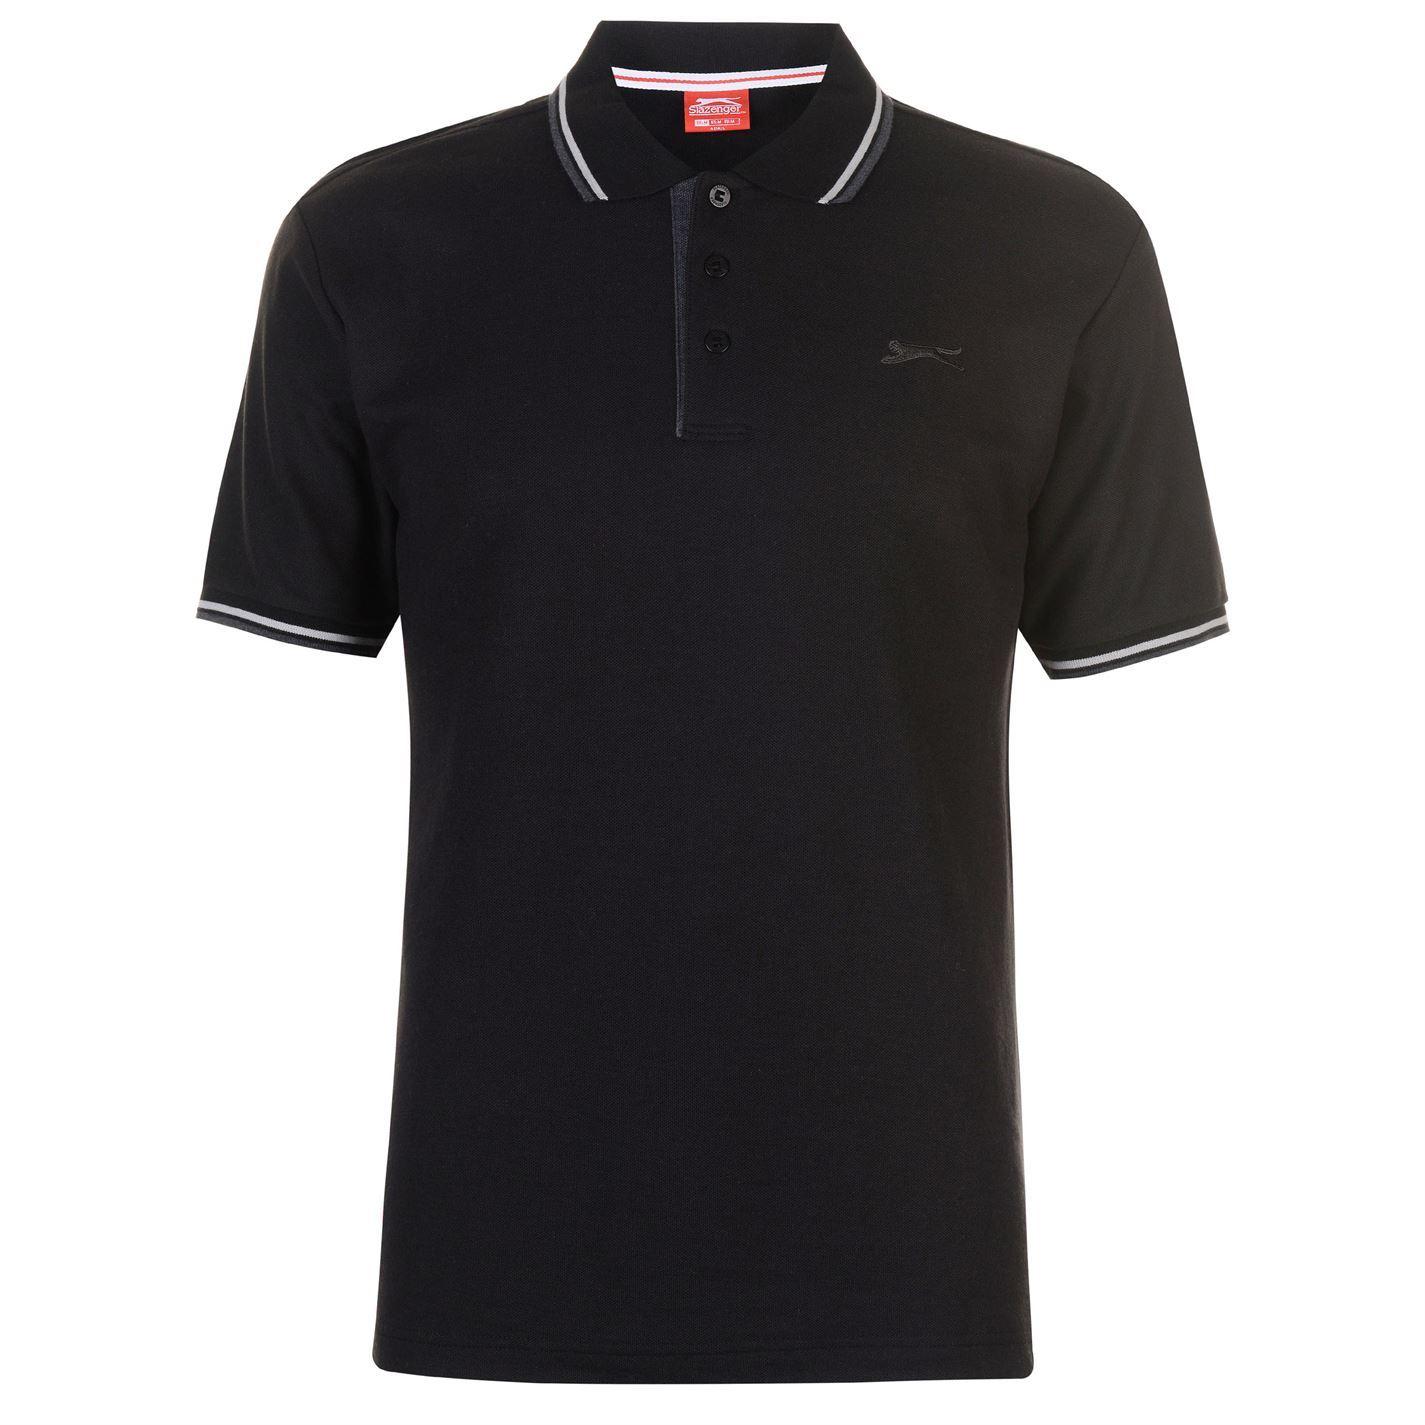 Slazenger-Polo-Camisa-de-hombre-con-cuello-con-Punta-T-Shirt-Top-Camiseta-Tee miniatura 2